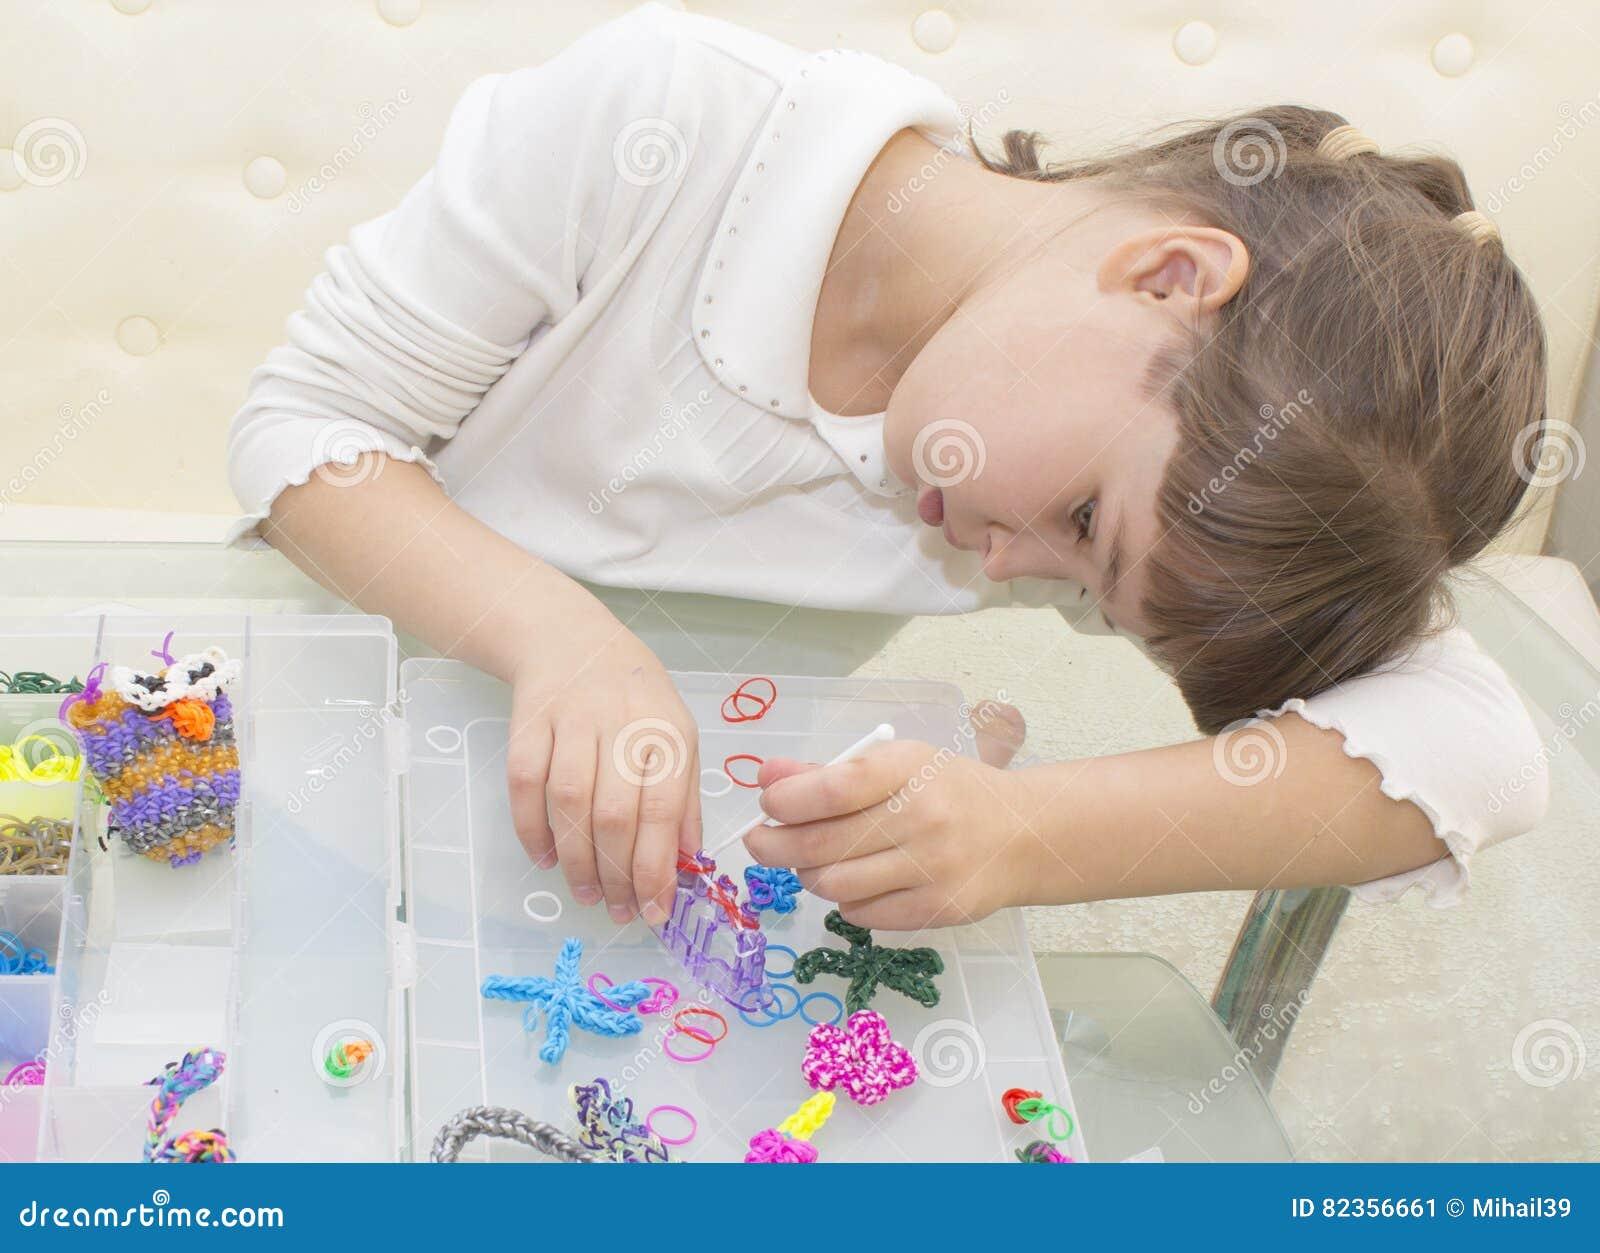 Weaving bracelets of gum